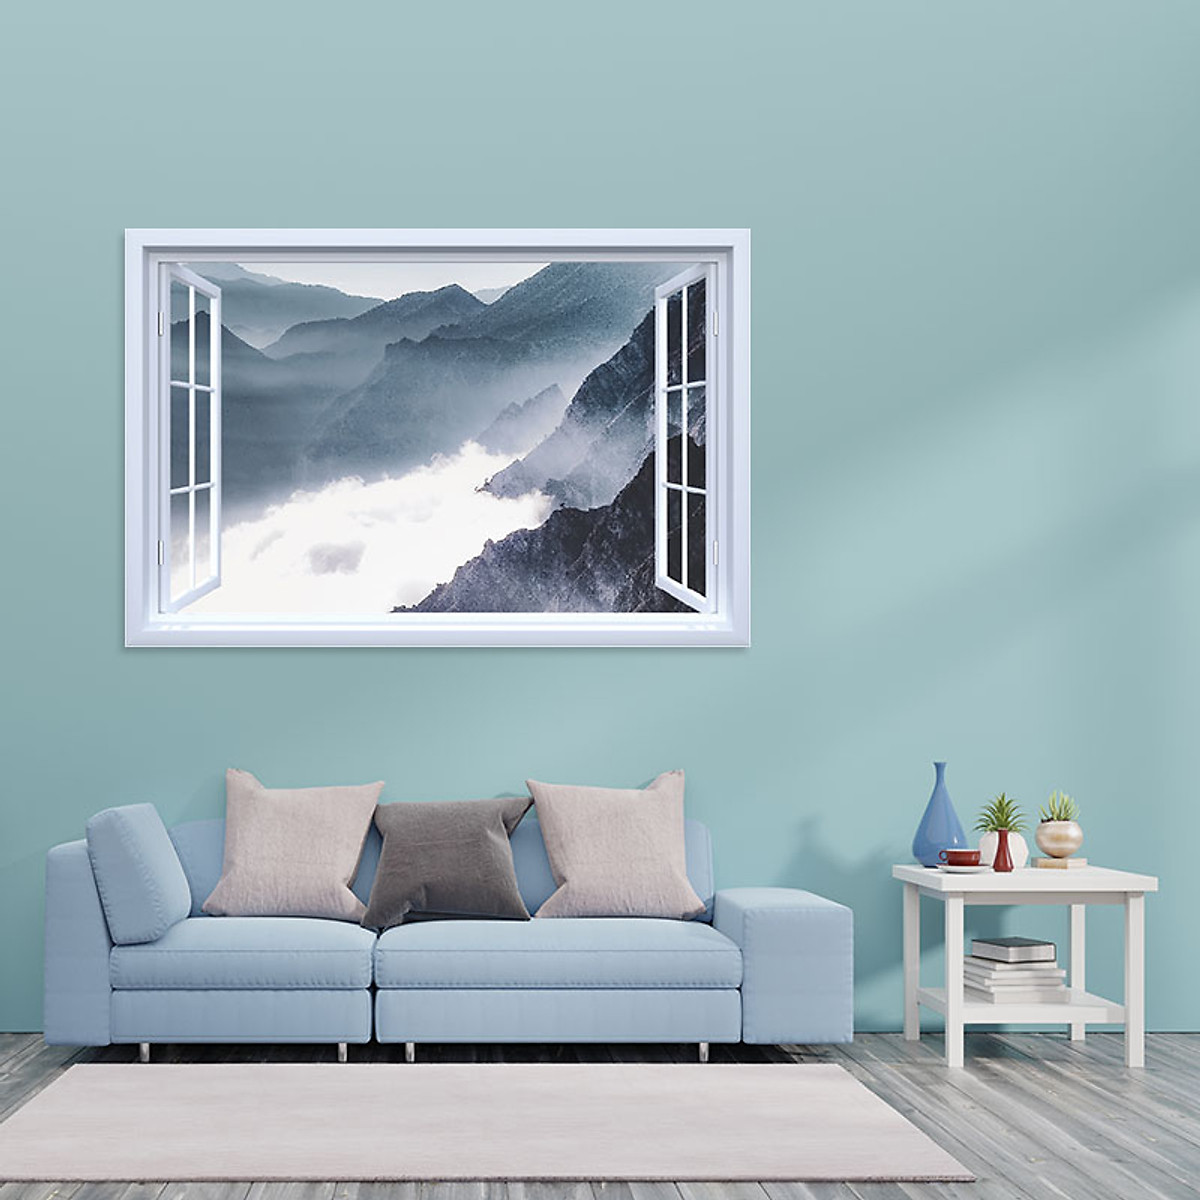 Decal cửa sổ Mây và núi tuyết WD129 | Decal dán tường PVC cao cấp - 5